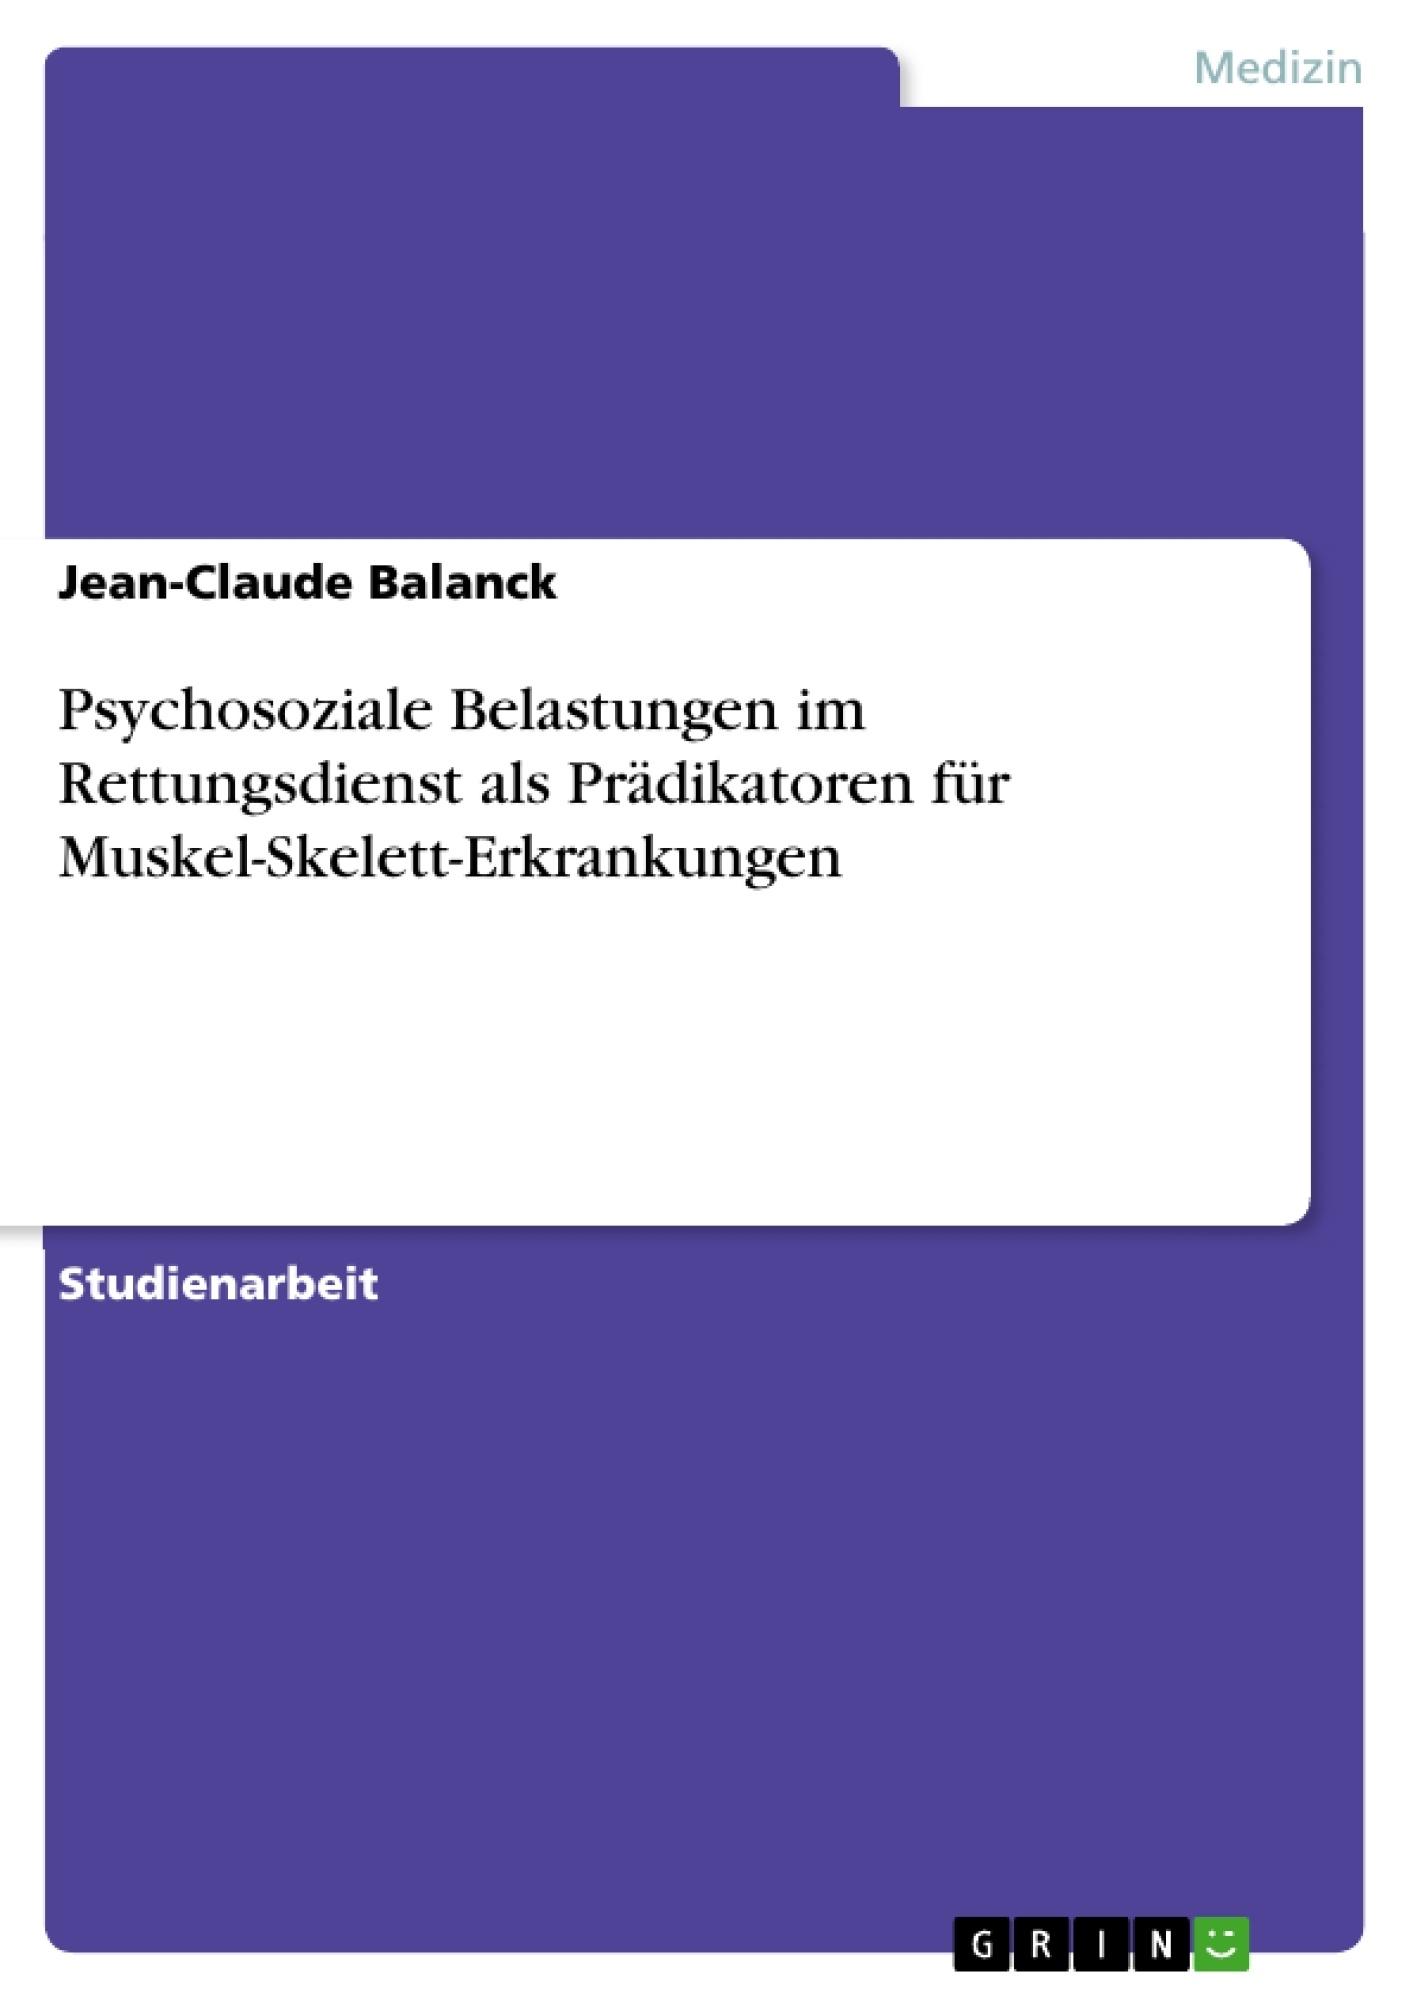 Titel: Psychosoziale Belastungen im Rettungsdienst als Prädikatoren für Muskel-Skelett-Erkrankungen